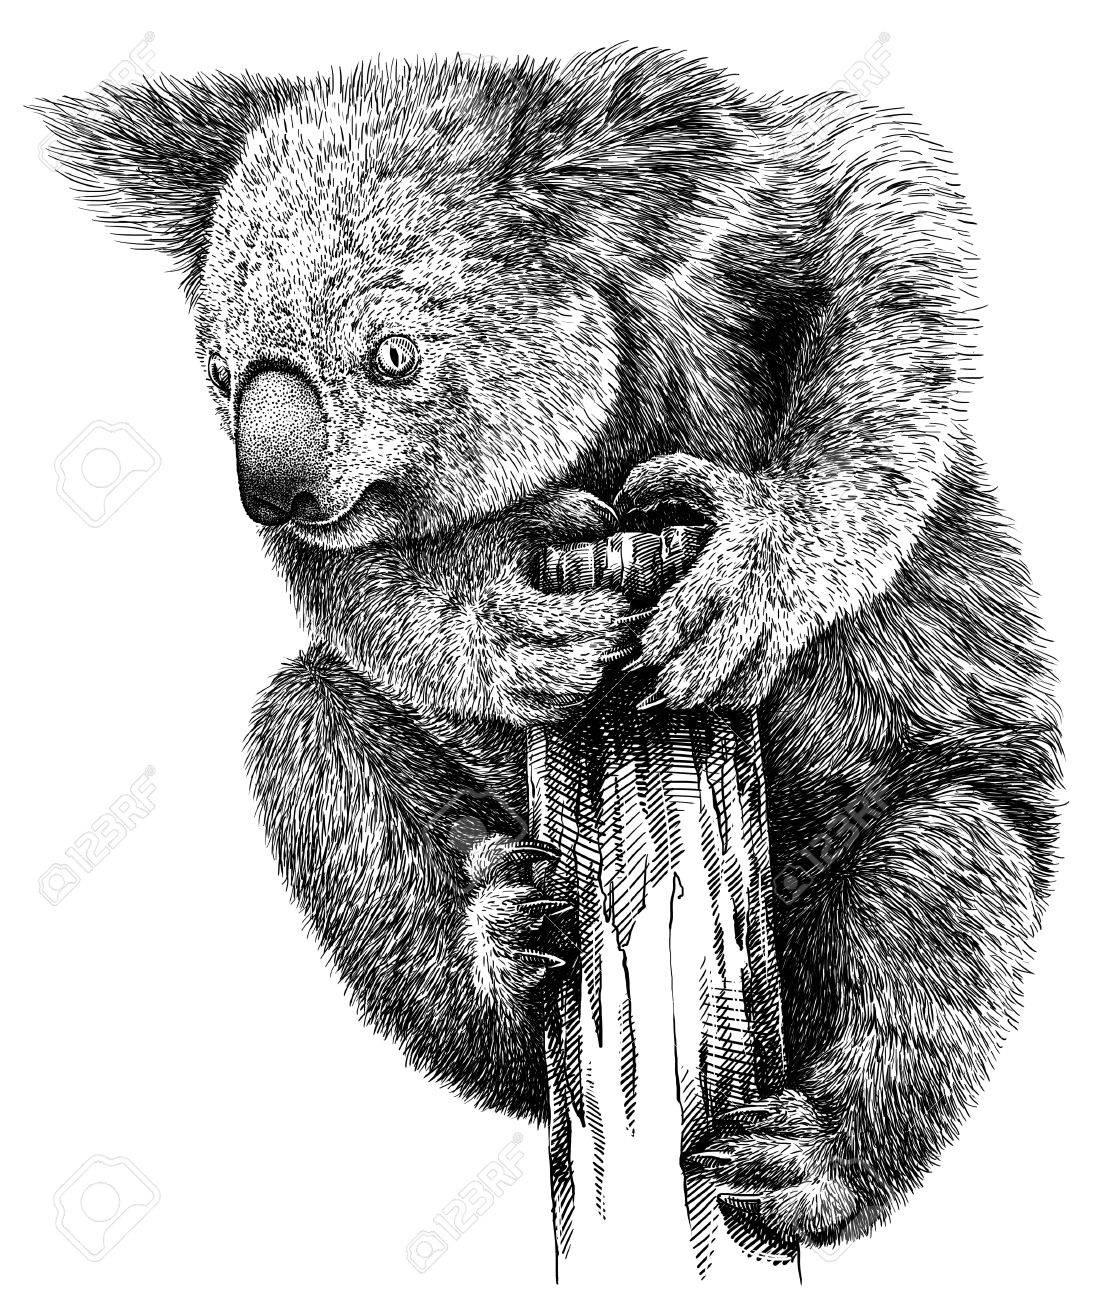 Banque dimages noir et blanc gravé isolé koala illustration